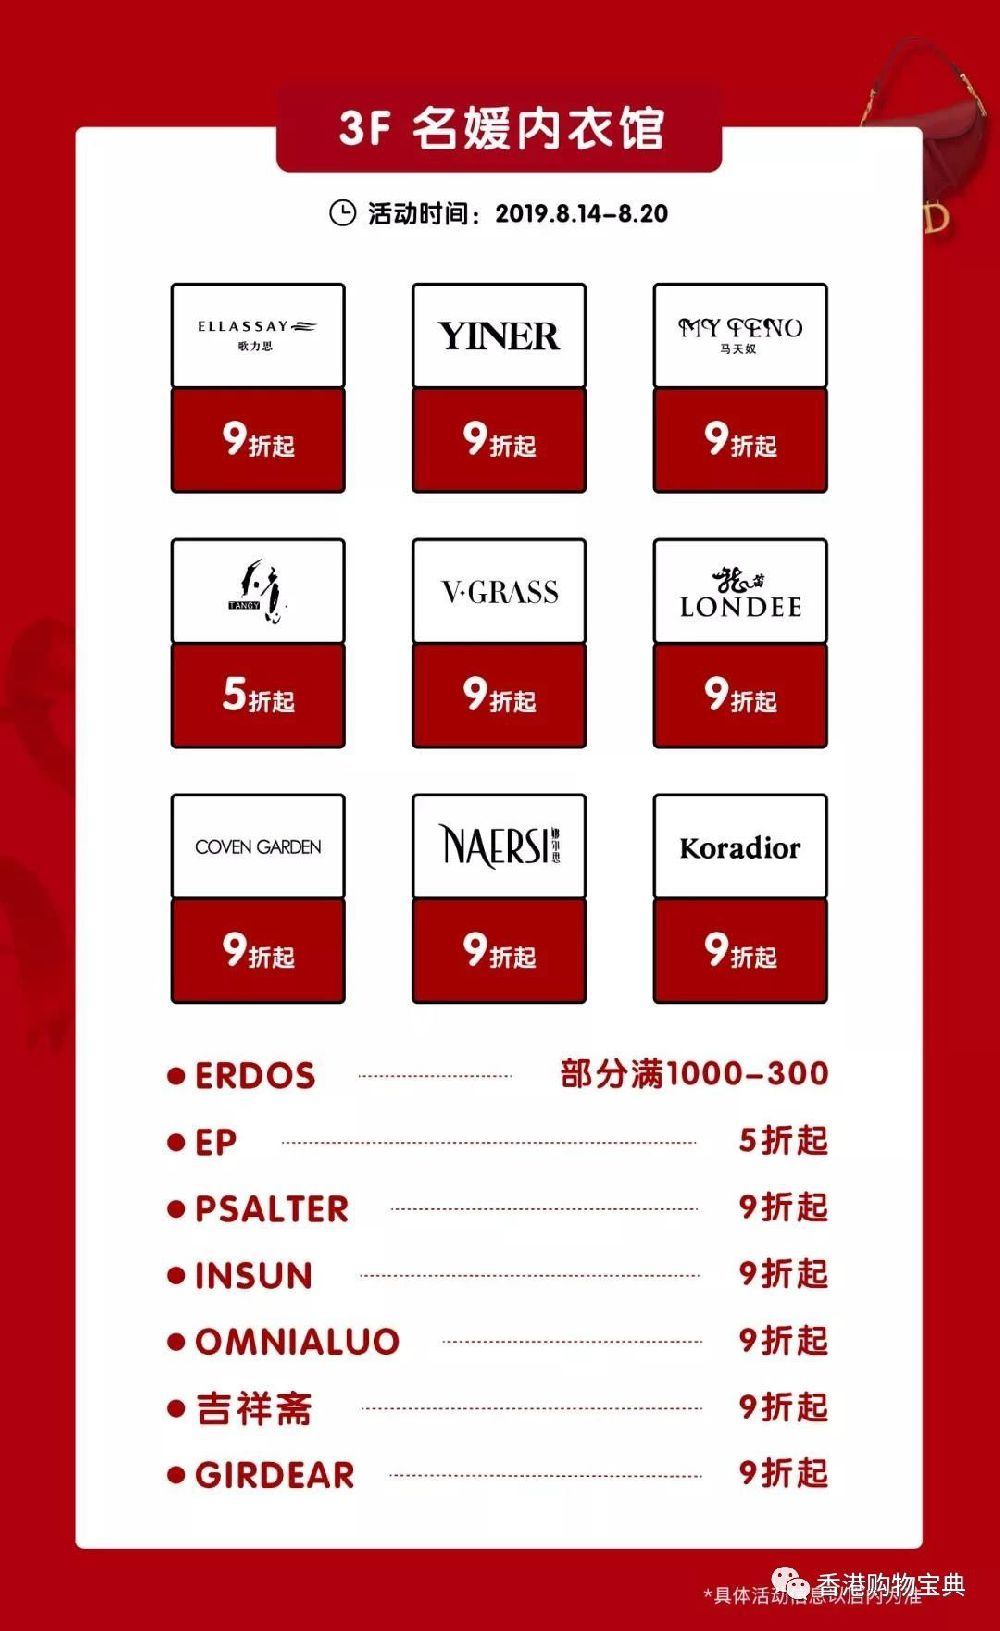 深圳华强北茂业百货818优惠全汇总(折扣 时间 地址)